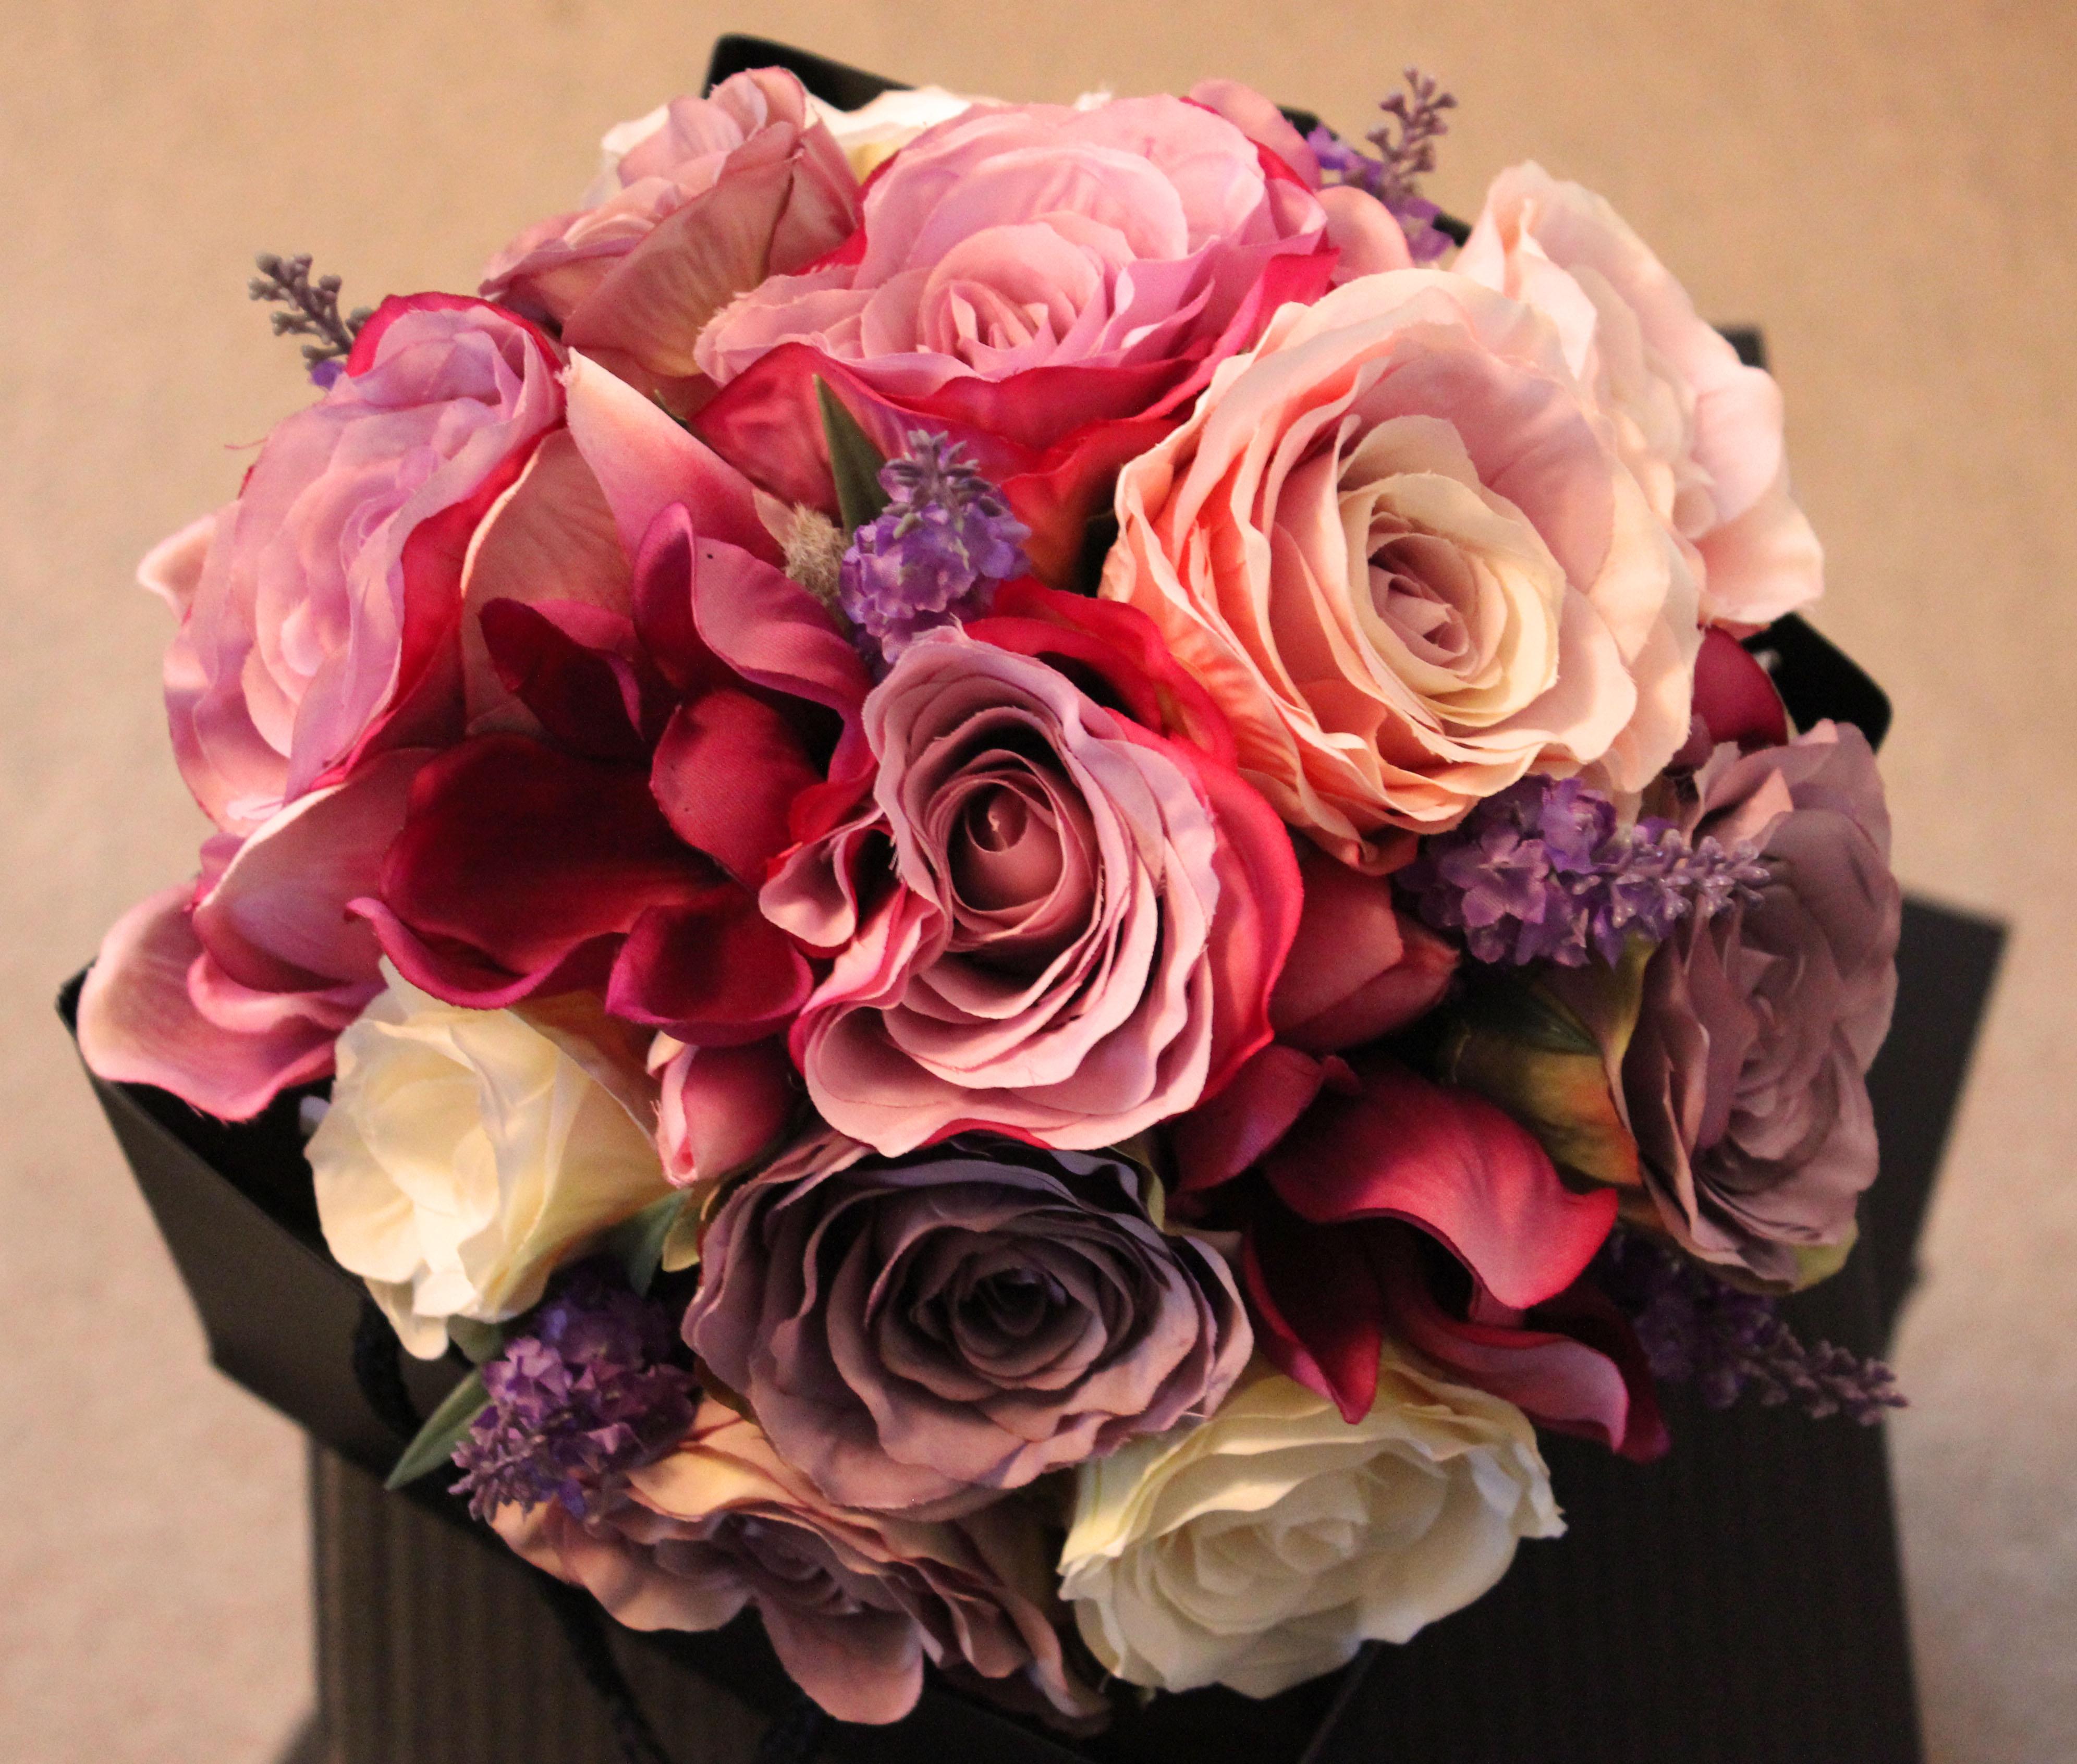 Pastel Perfection Artificial Bouquet